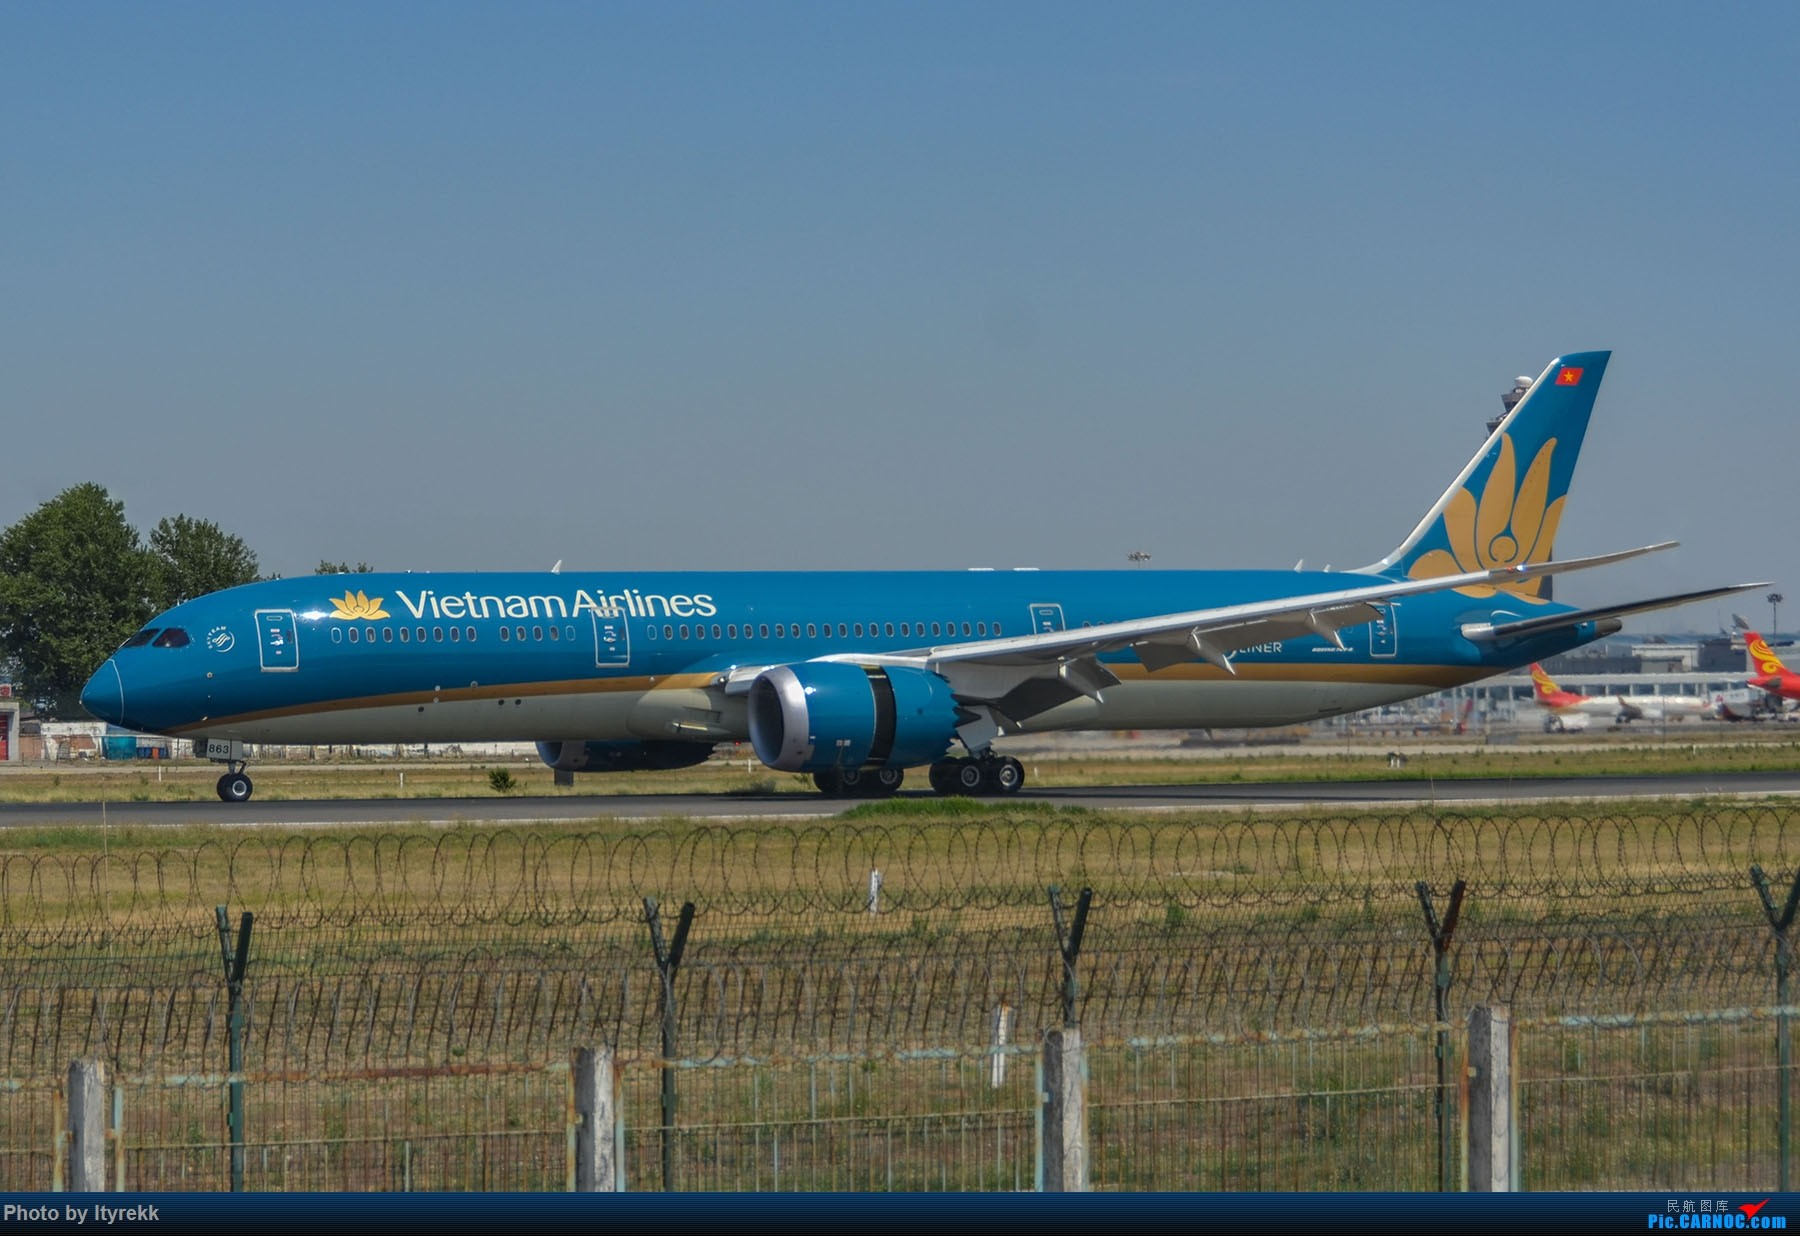 Re:[原创]很久没有发图了。PEK二十里铺的一下午 BOEING 787-9 VN-A863 中国北京首都国际机场